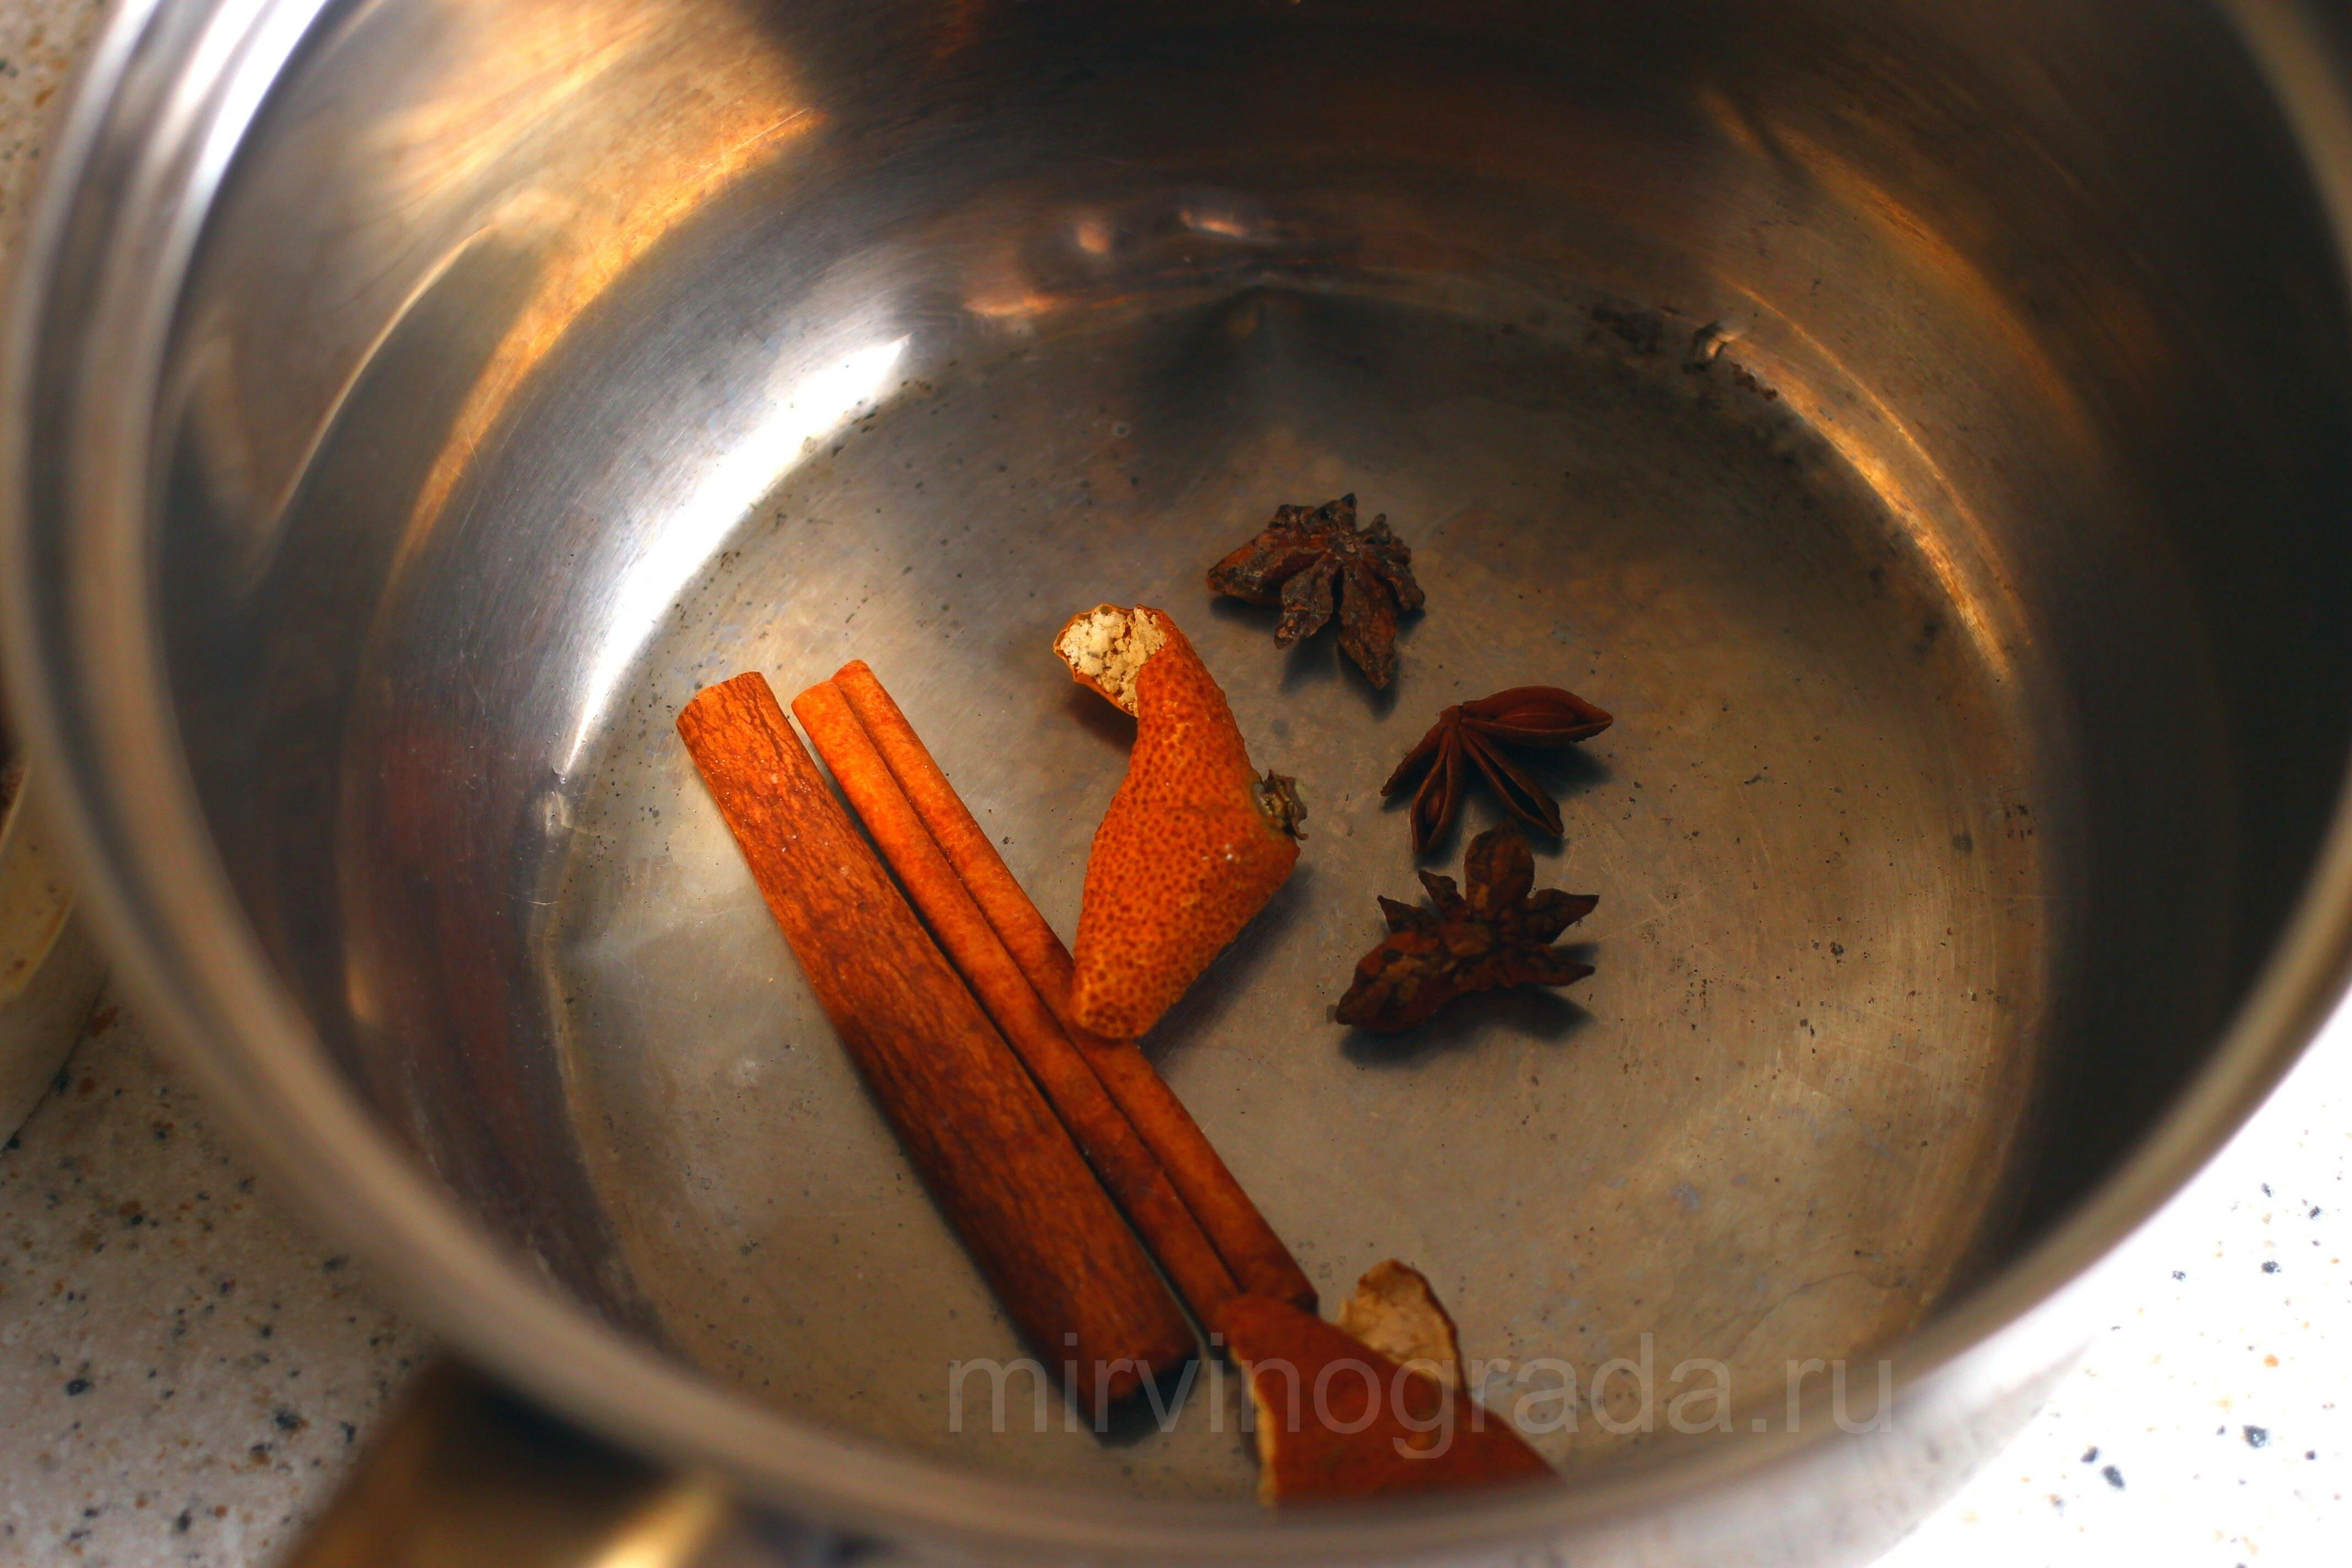 К специям для приготовления глинтвейна добавляем корочки мандарина